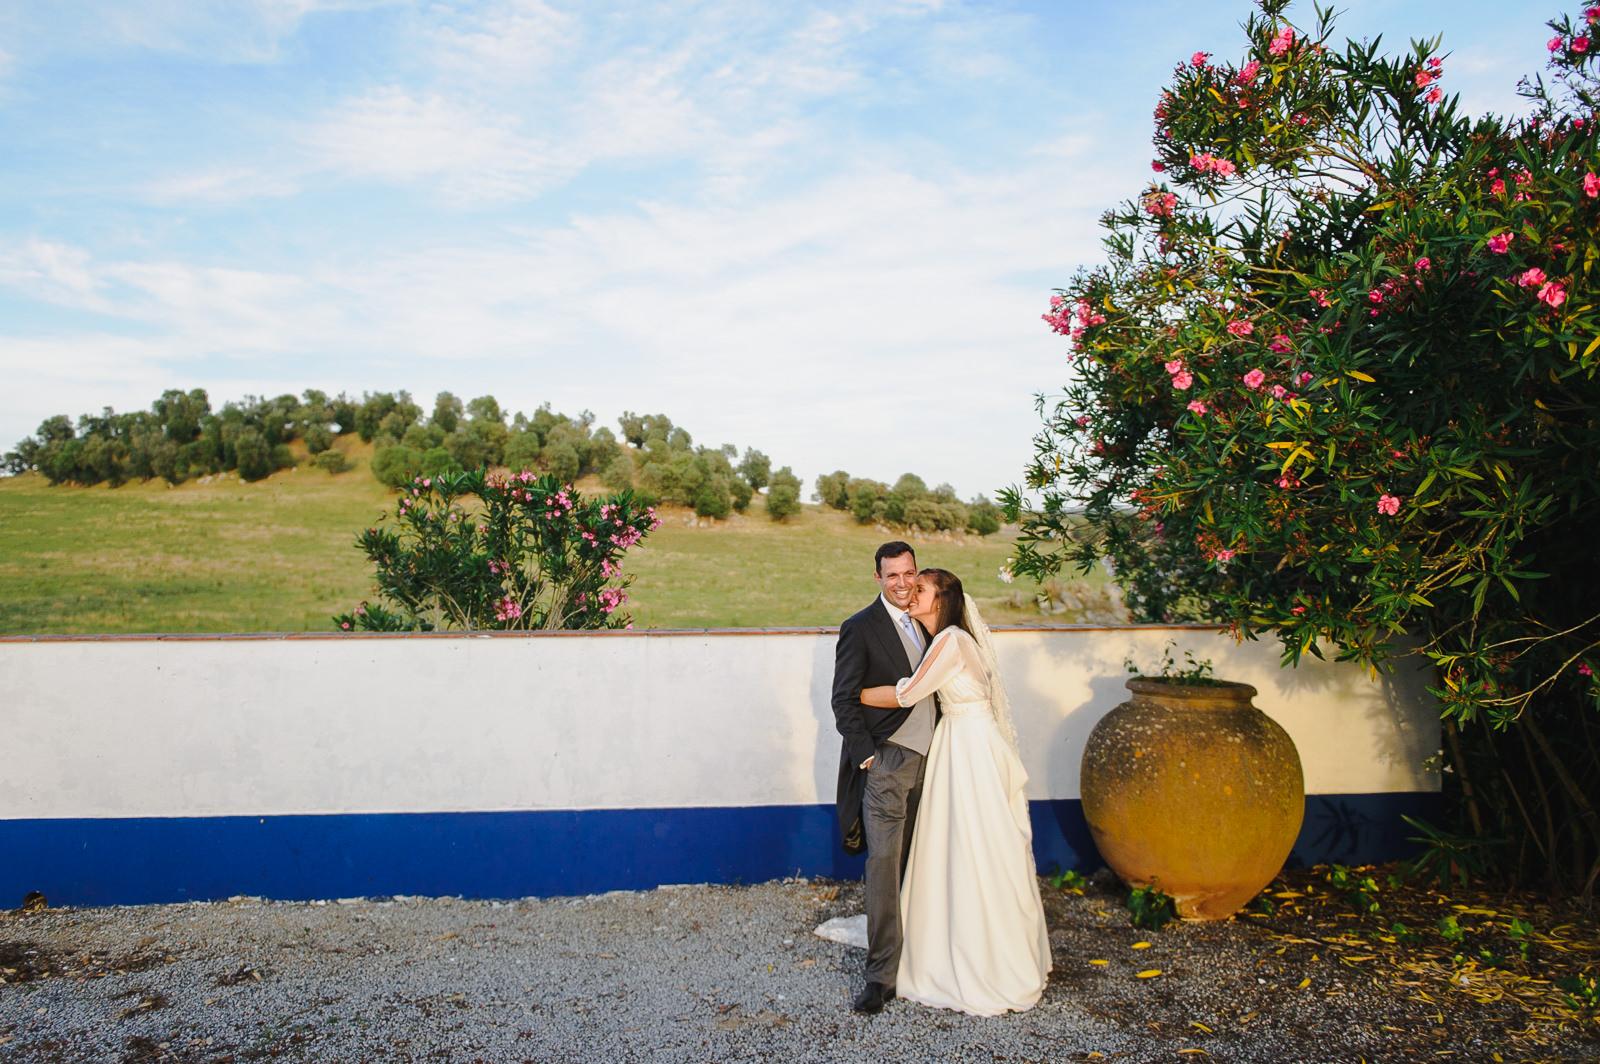 beautiful_rural_wedding_alentejo_portugal.jpg